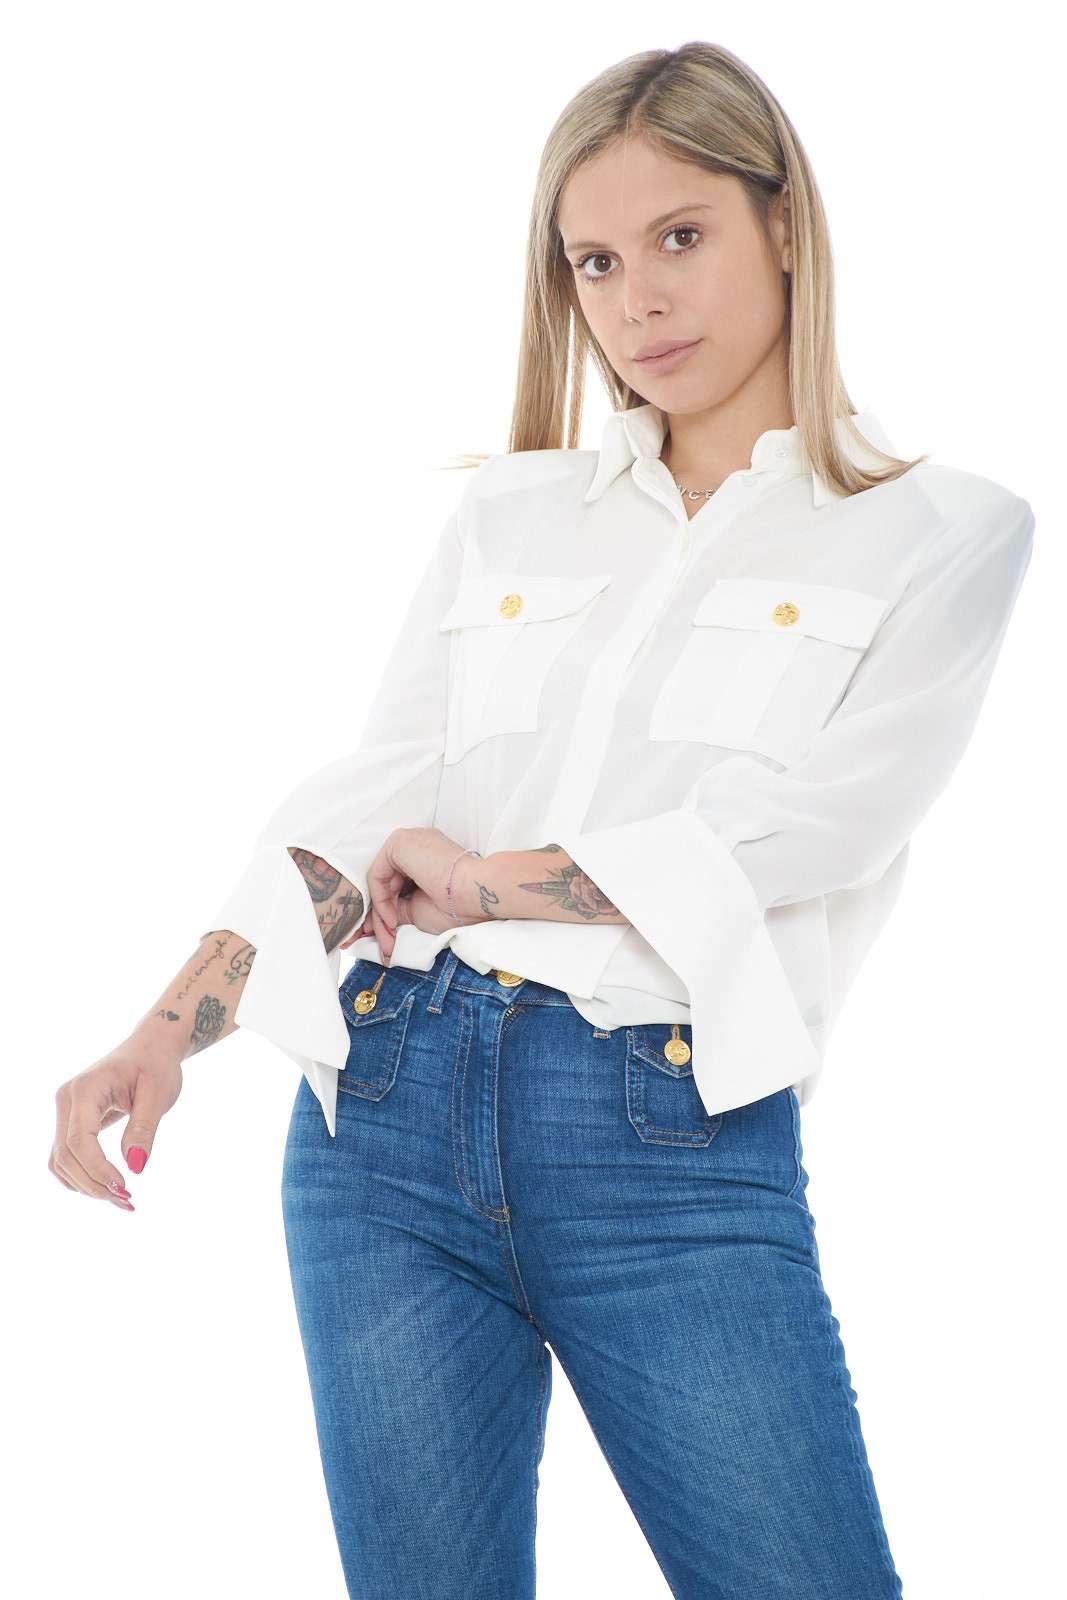 Elegante e femminile, la camicia firmata dalla collezione Elisabetta Franchi mette d'accordo ogni stile. Un tessuto fluido che accompagna con delicatezza la linea a renderla perfetta sia con un pantalone che con una gonna. Essenziale ed evergreen è un essential per ogni gurdaroba.